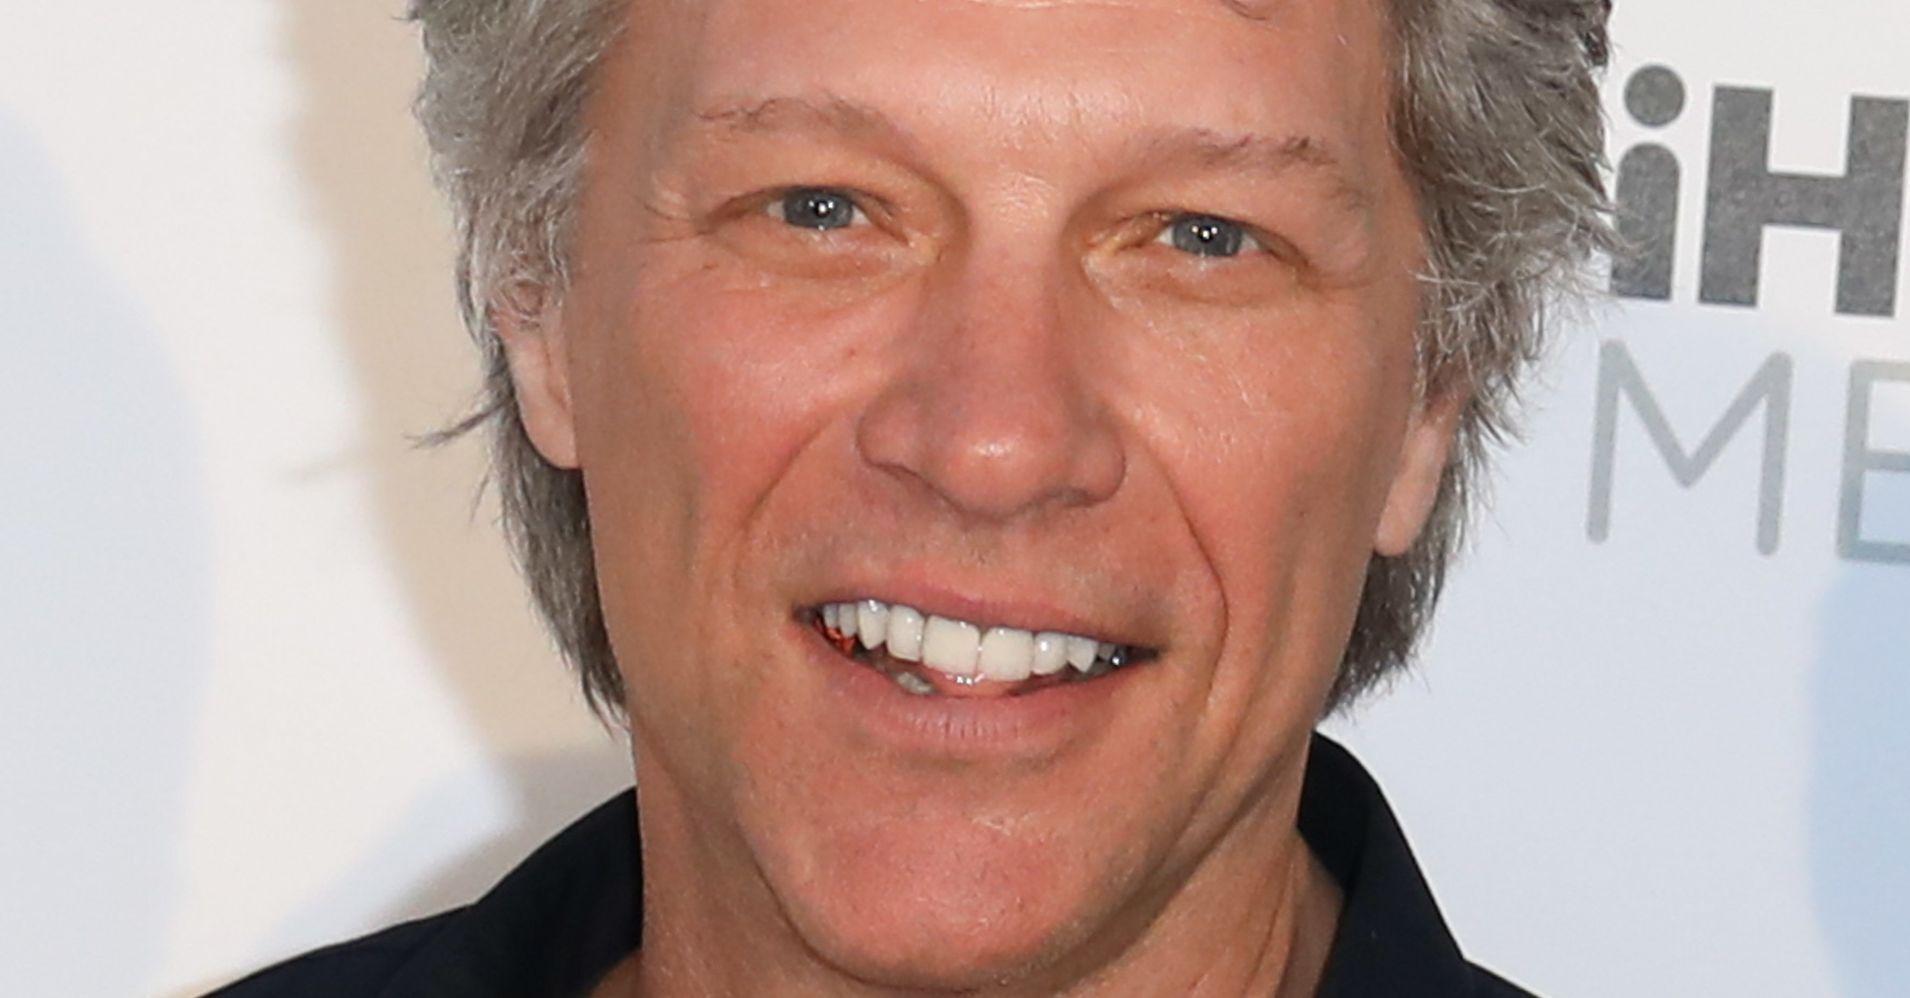 Jon Bon Jovi Says Kardashians Are A Family That 'Made A Porno' And 'Got Famous'